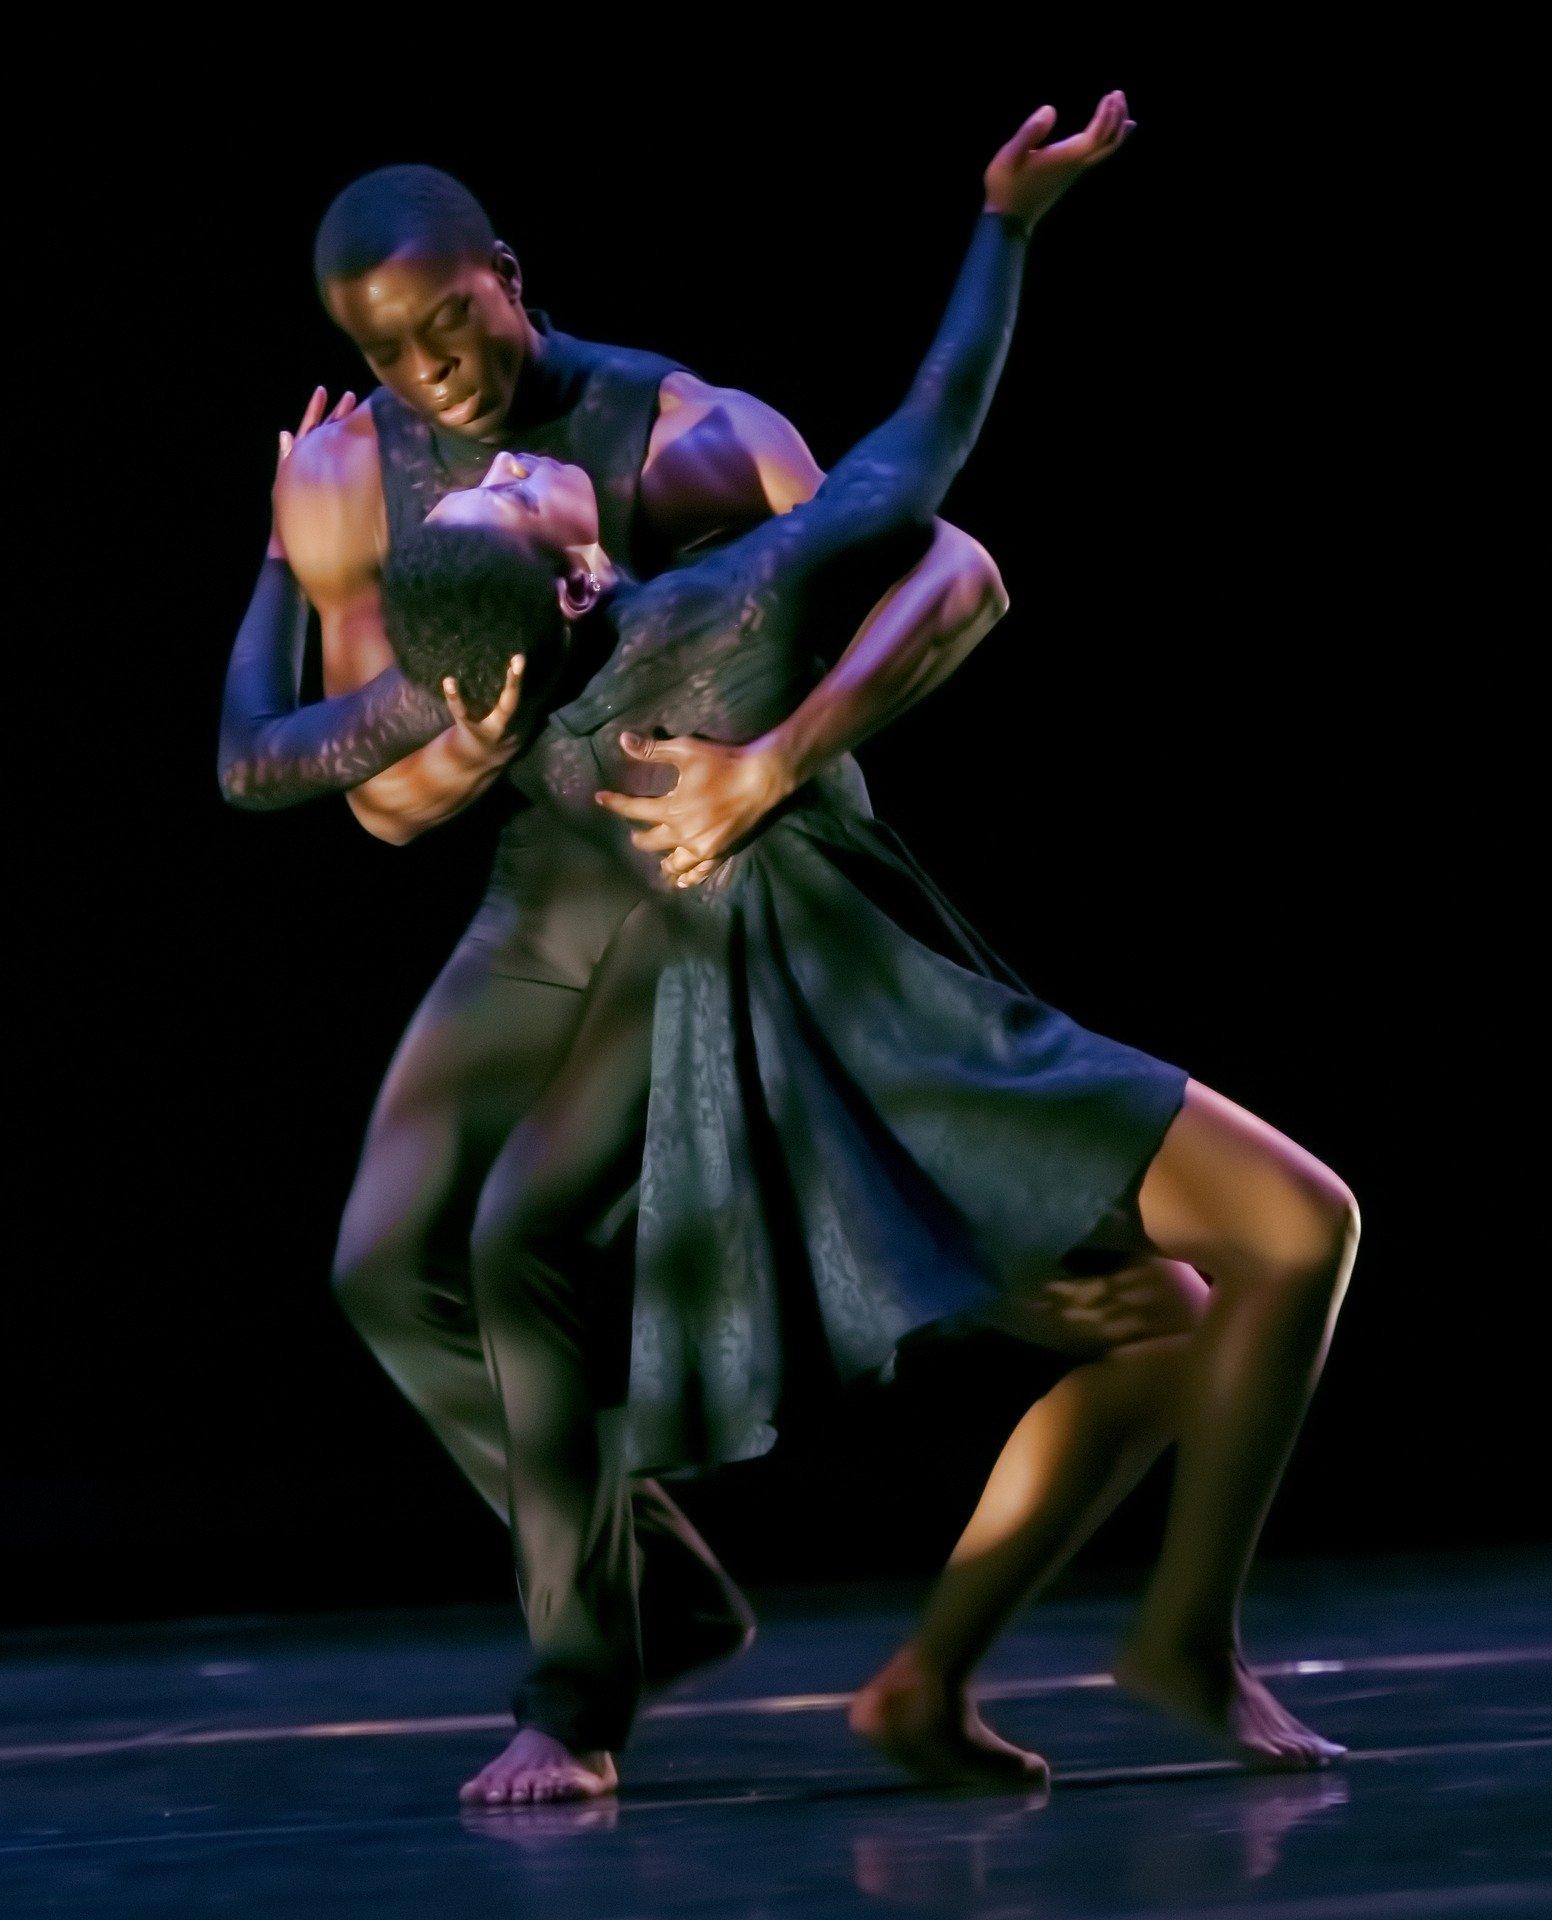 dancer-4663734_1920